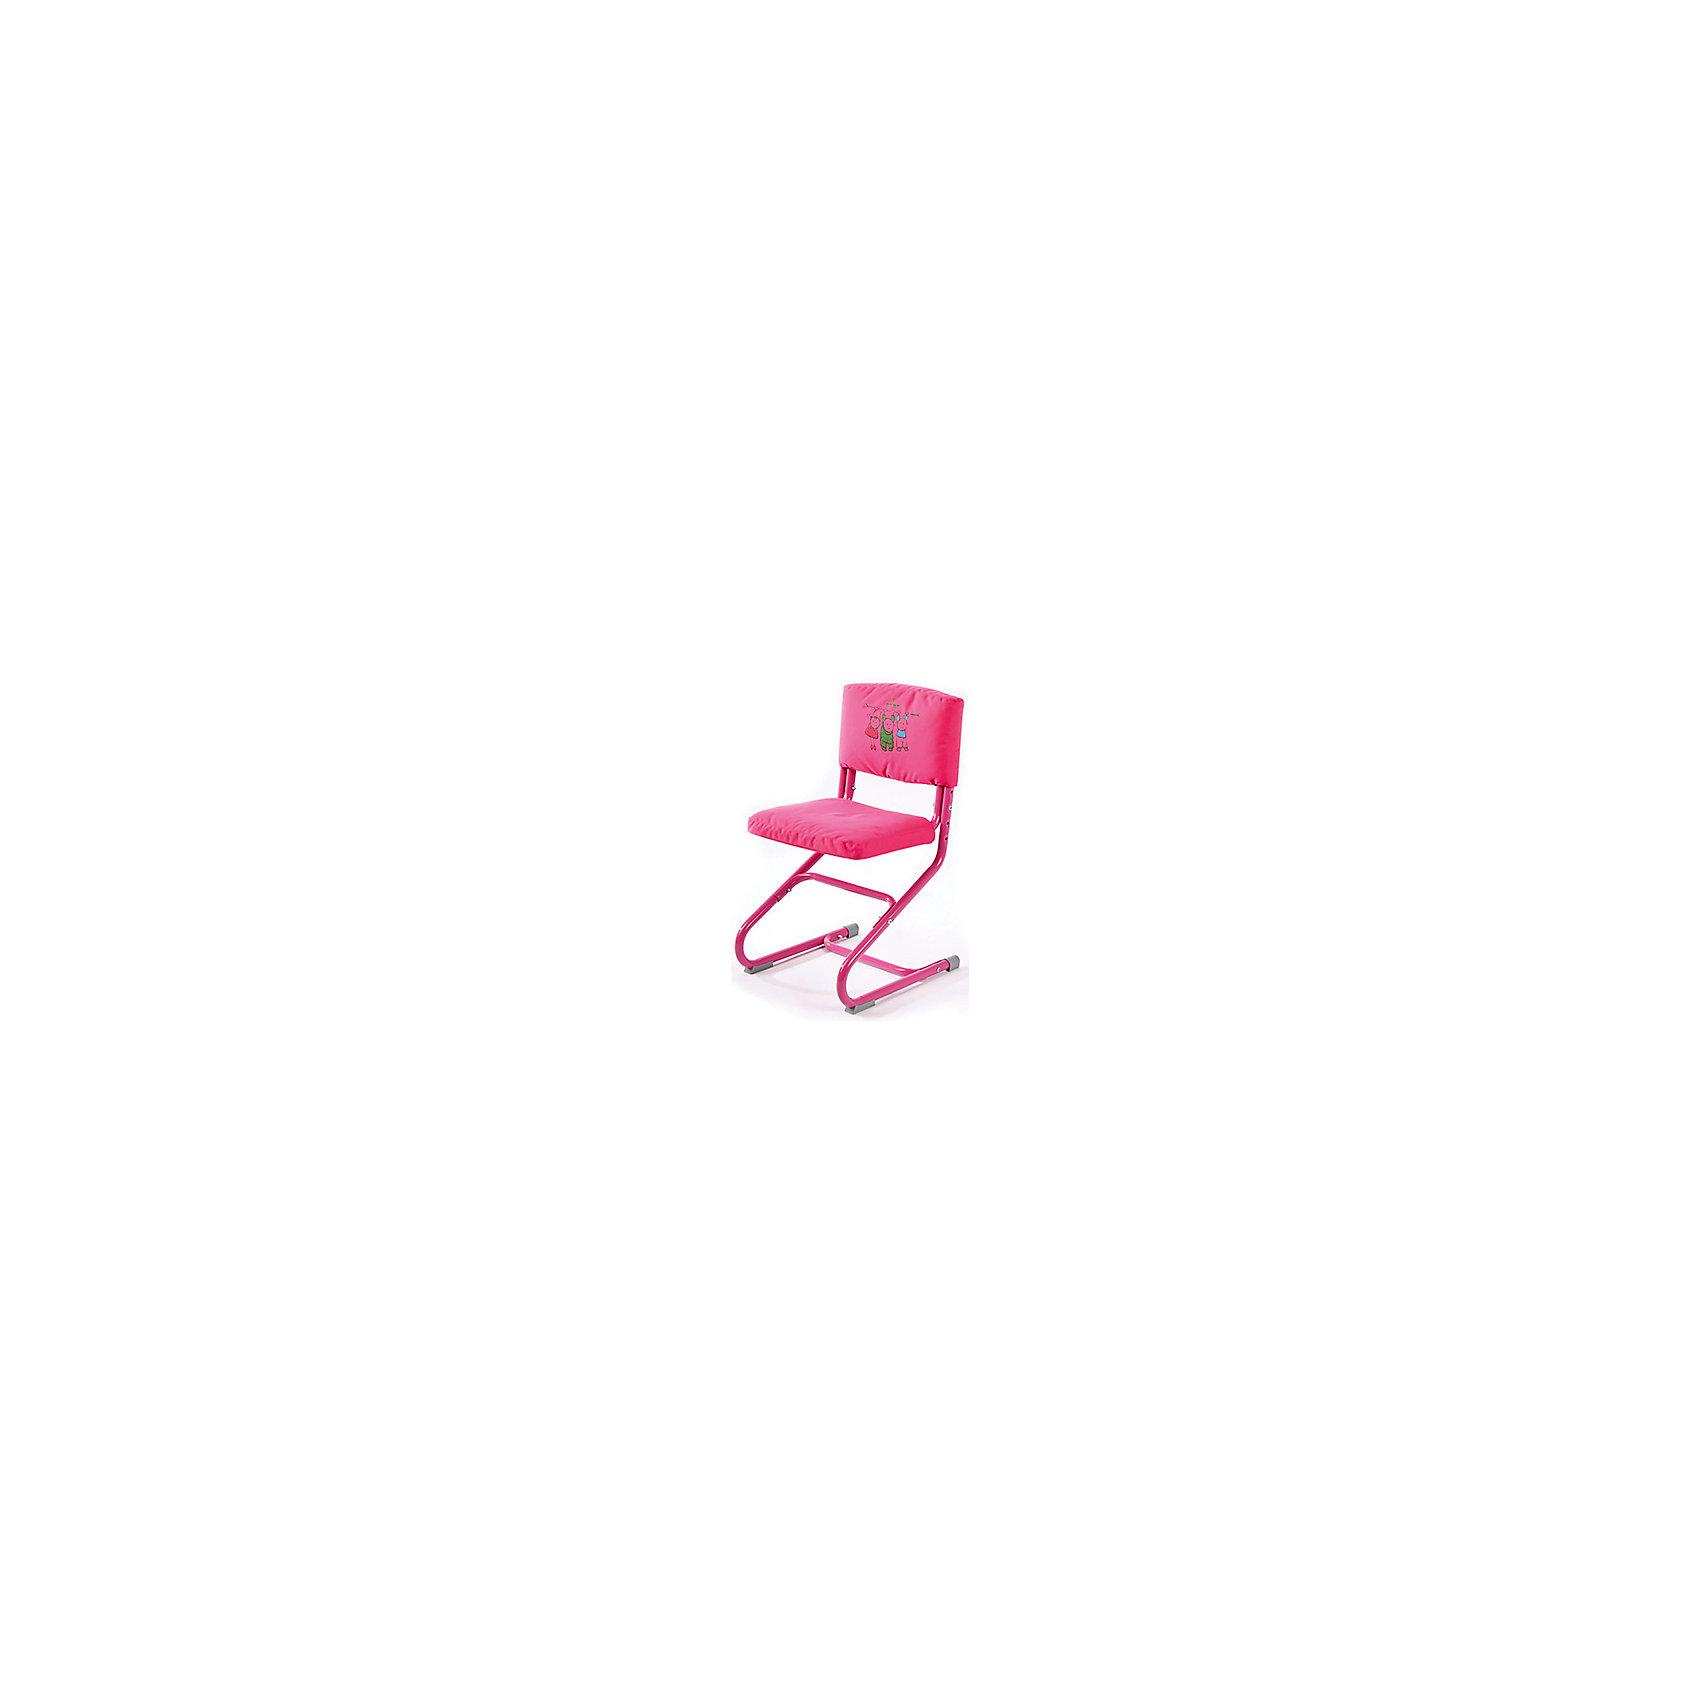 Чехол Оксфорд СУТ.01.040-01, Дэми, розовыйЧехол Оксфорд СУТ.01.040-01, Дэми, розовый – не только улучшает вид.<br>Данная модель чехла выполнена из прочной ткани оксфорд. Такую ткань можно стирать в машинке, он не теряет внешний вид от стирки и долгой службы. Чехол скрывает болты на спинке и сидении, тем самым делая стул еще удобнее и симпатичнее. Его легко снимать, однако он совершенно не скользит и не спадает со стула.<br><br>Дополнительная информация: <br><br>Размер: 500х390х50 мм<br>Вес: 360 гр<br>Материал: оксфорд<br>Цвет: розовый<br><br>Чехол Оксфорд СУТ.01.040-01, Дэми, розовый можно купить в нашем интернет магазине.<br><br>Ширина мм: 500<br>Глубина мм: 390<br>Высота мм: 50<br>Вес г: 360<br>Возраст от месяцев: 48<br>Возраст до месяцев: 1188<br>Пол: Женский<br>Возраст: Детский<br>SKU: 4919230